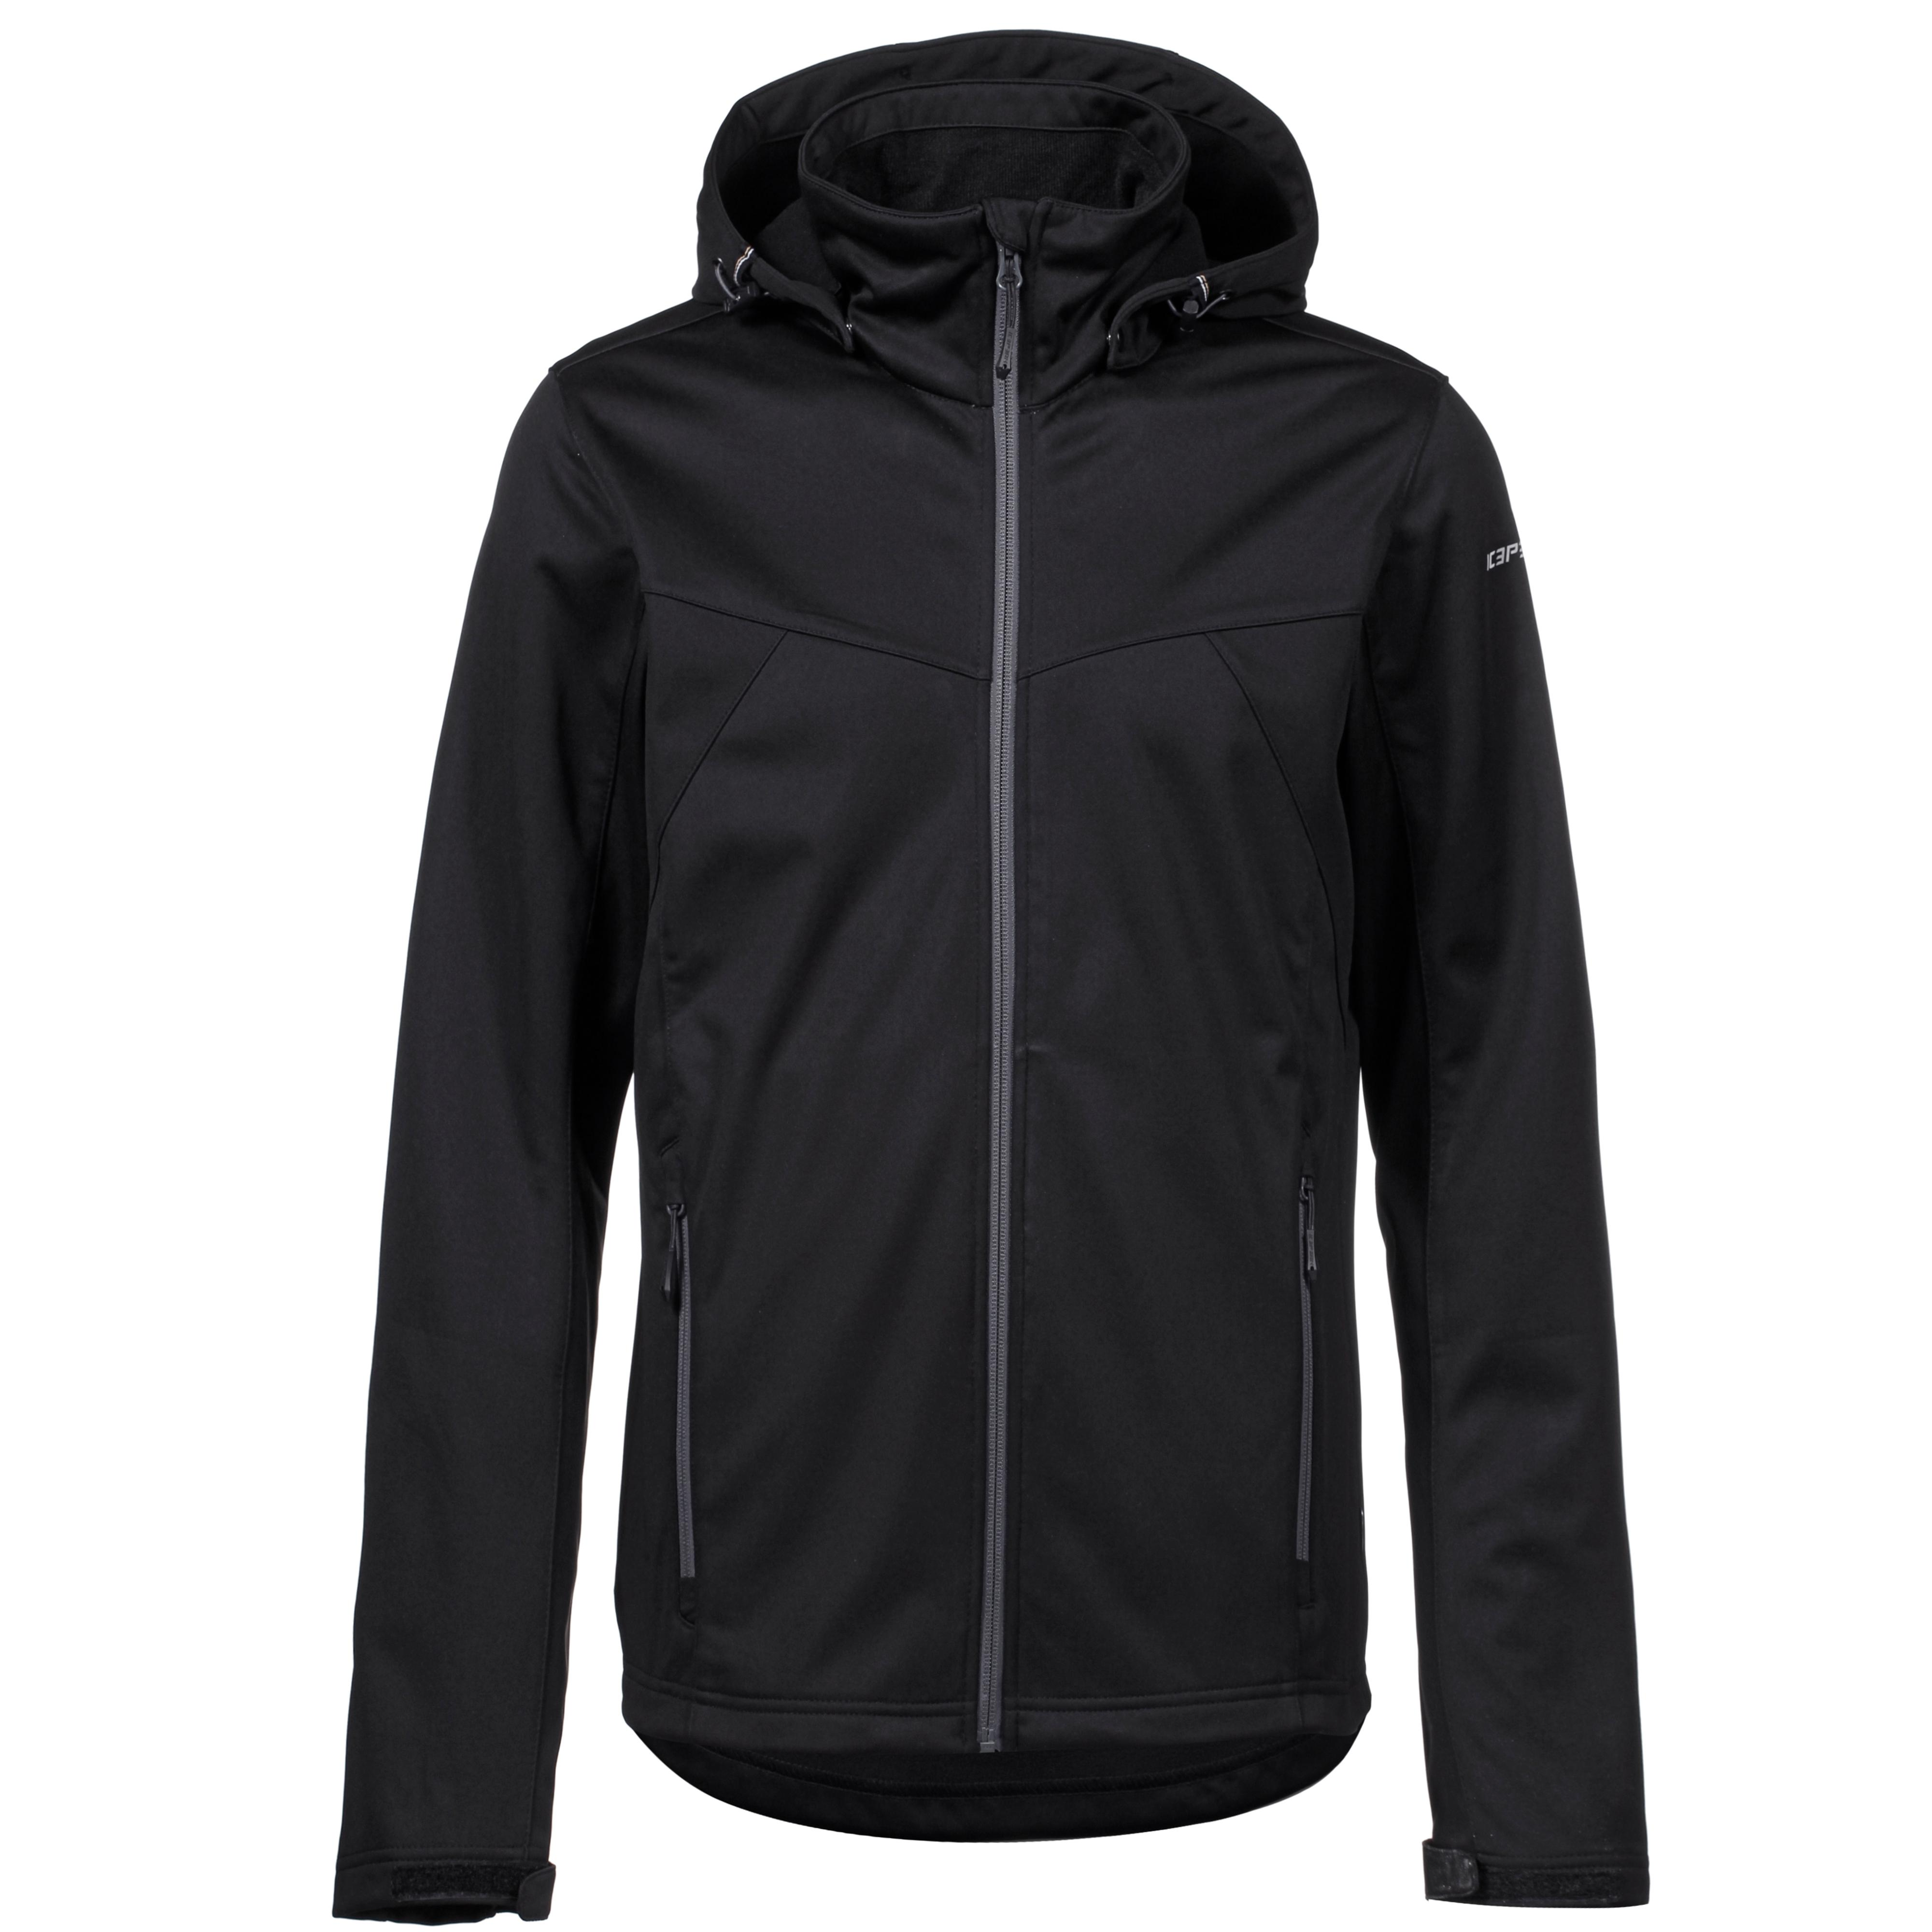 Herren Jacken online günstig kaufen über shop24.at   shop24